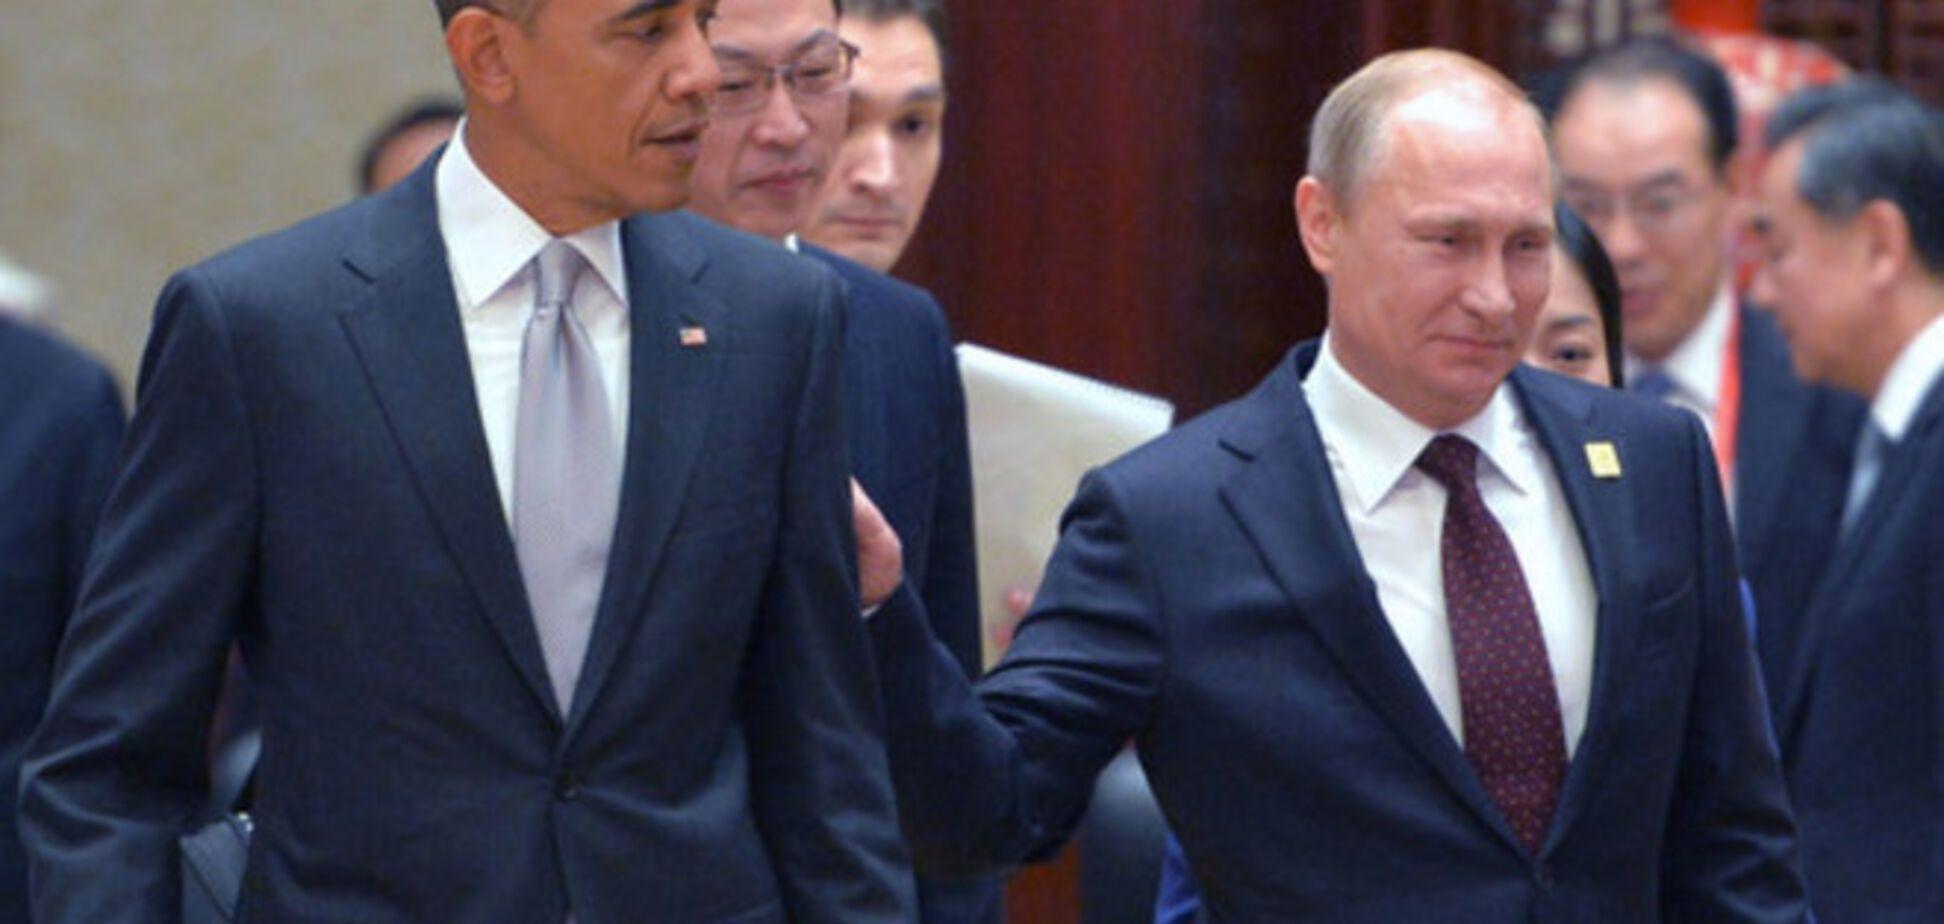 Дипломат рассказал о 'сигнале', который Запад подал Путину накануне встречи в Минске